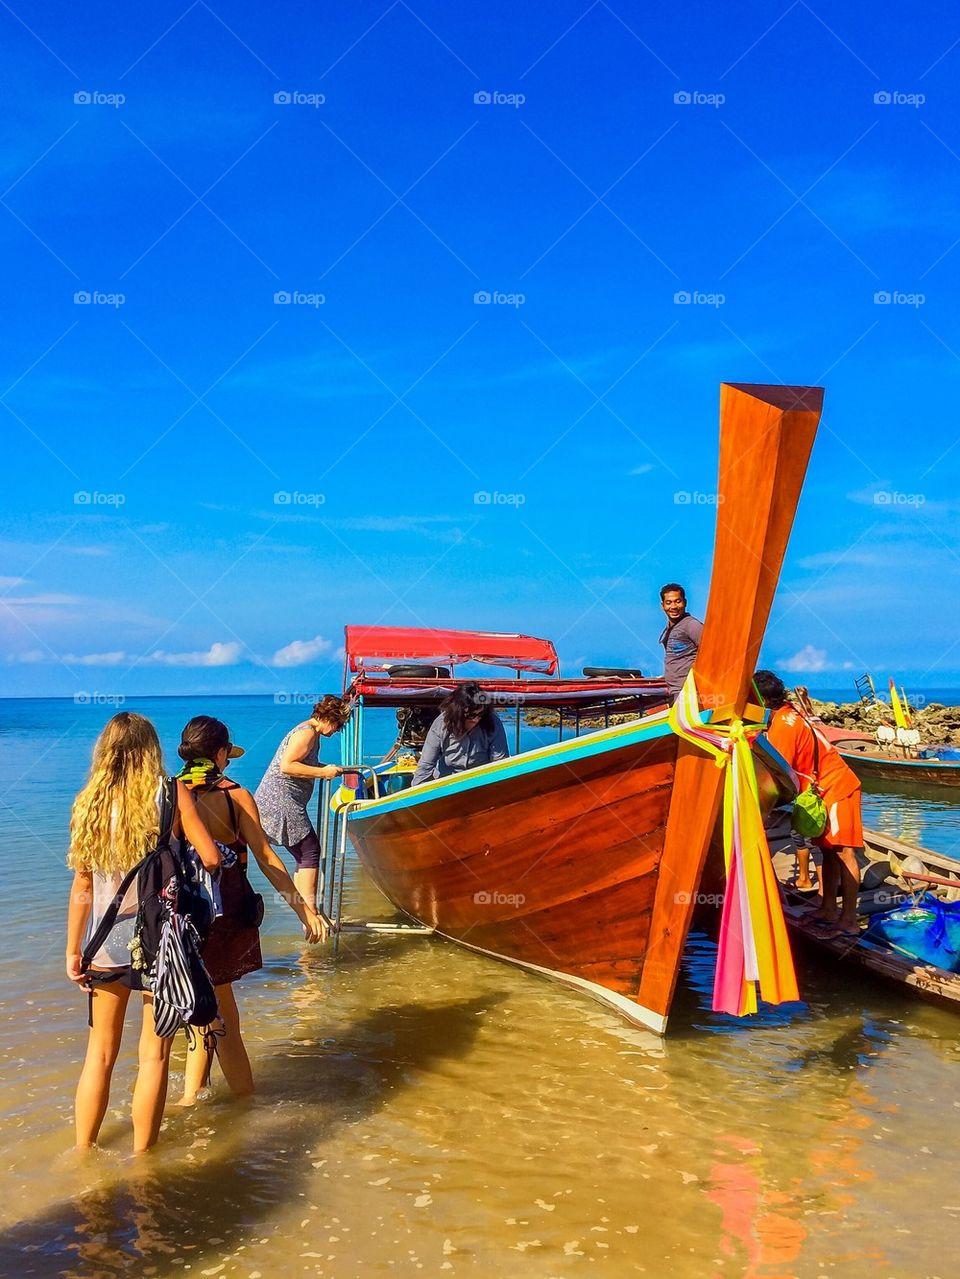 Trip in Thailand